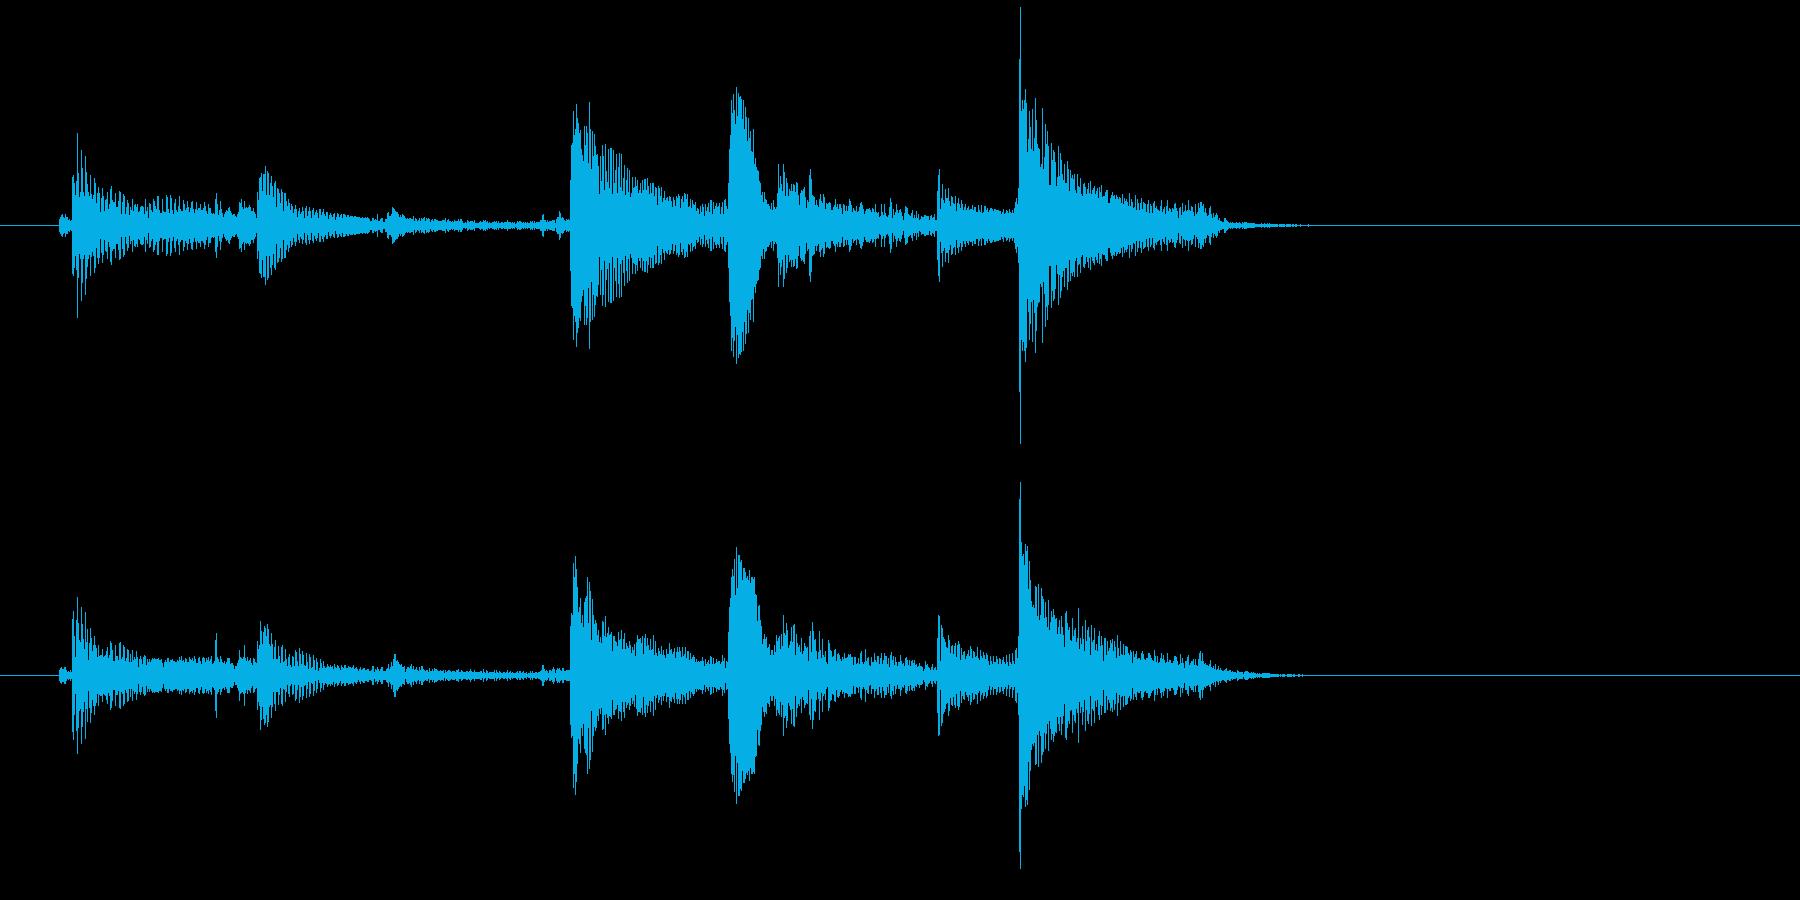 生音 三味線 ショートフレーズの再生済みの波形